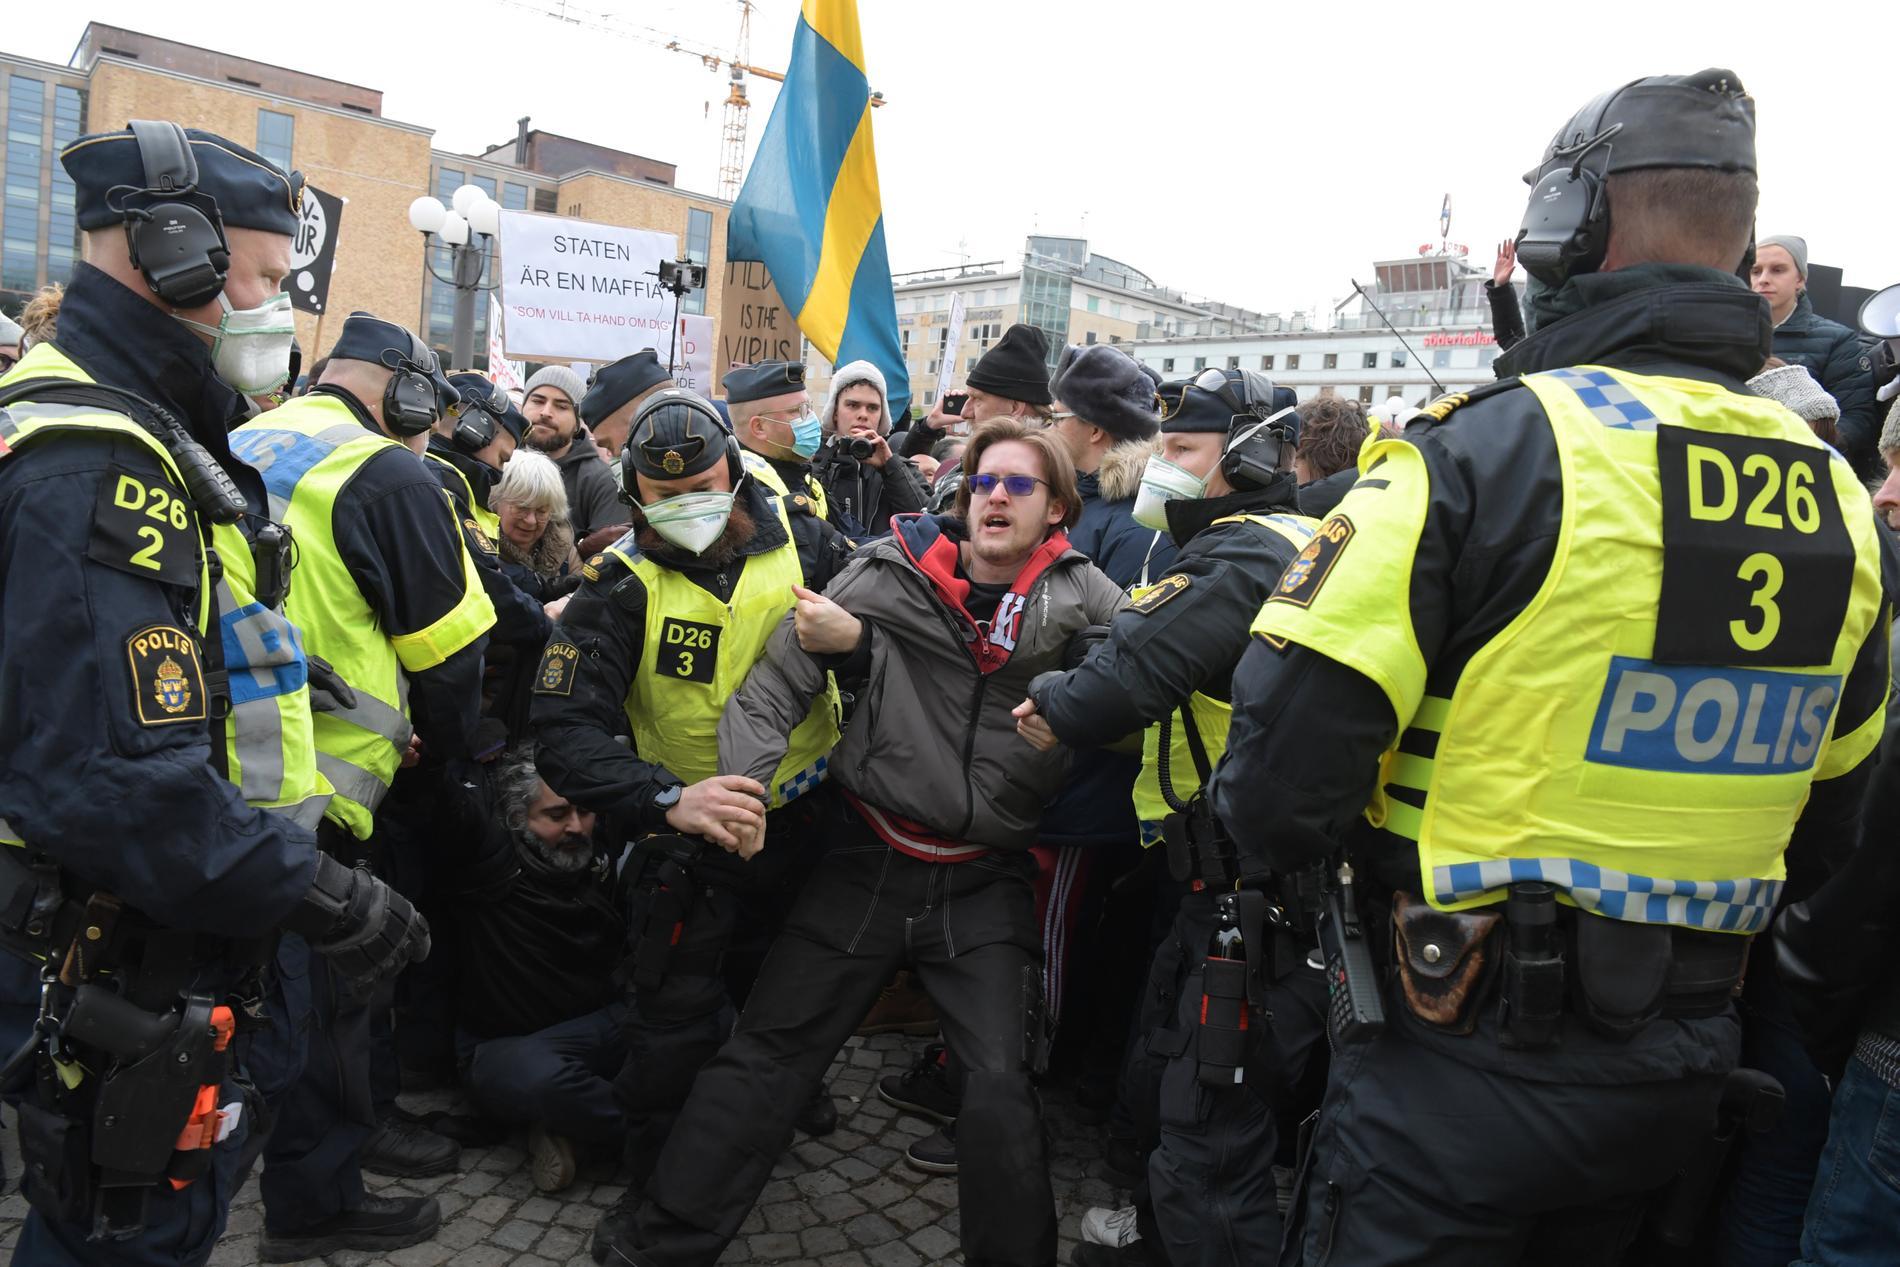 Polisen upplöser en demonstration på Medborgarplatsen där Organisationen Tusenmannamarschen för frihet & sanning protesterar mot coronarestriktioner den 6 mars.